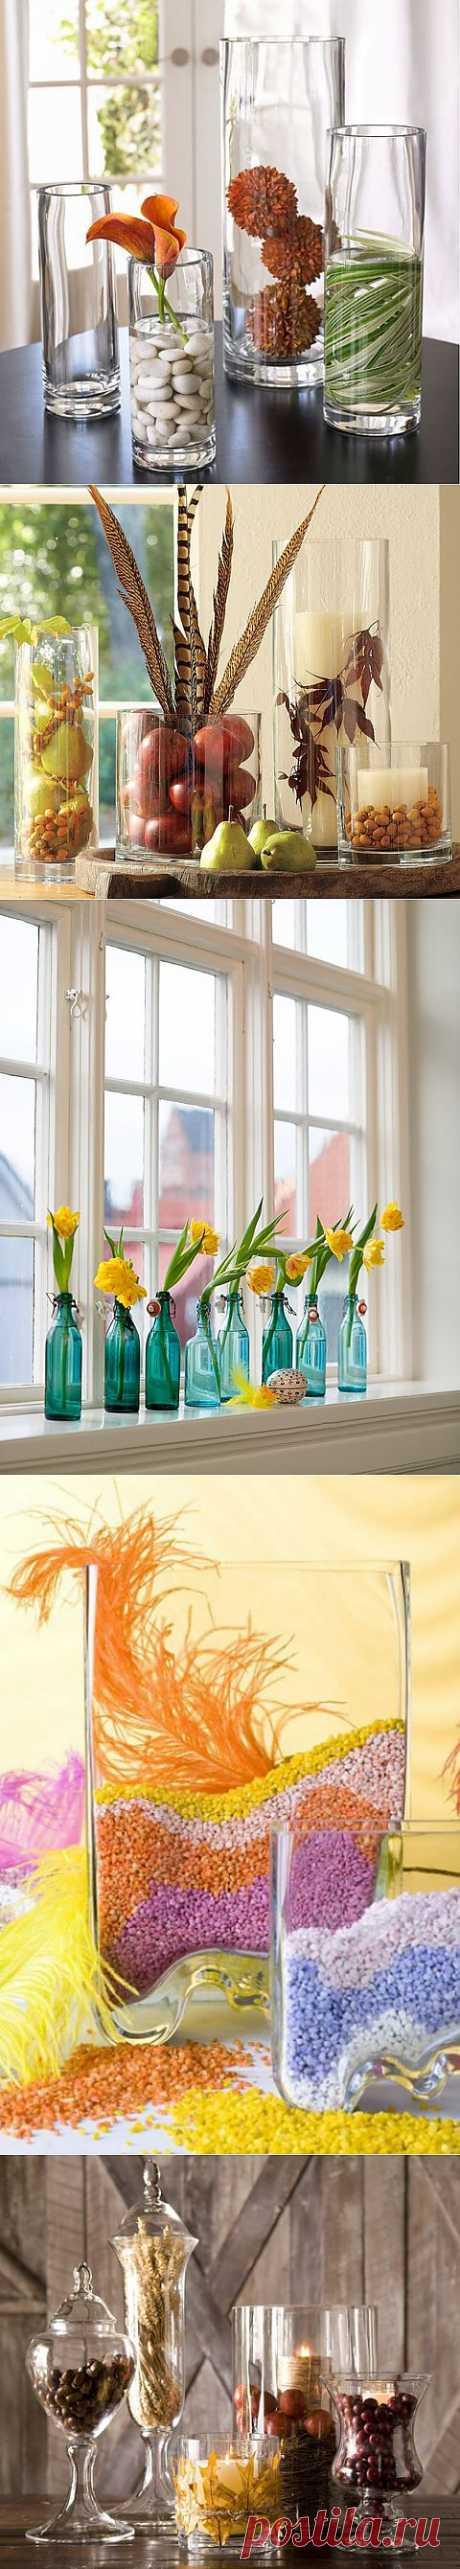 Идеи оригинальных композиций в вазах из стекла | Интерьер и Дизайн